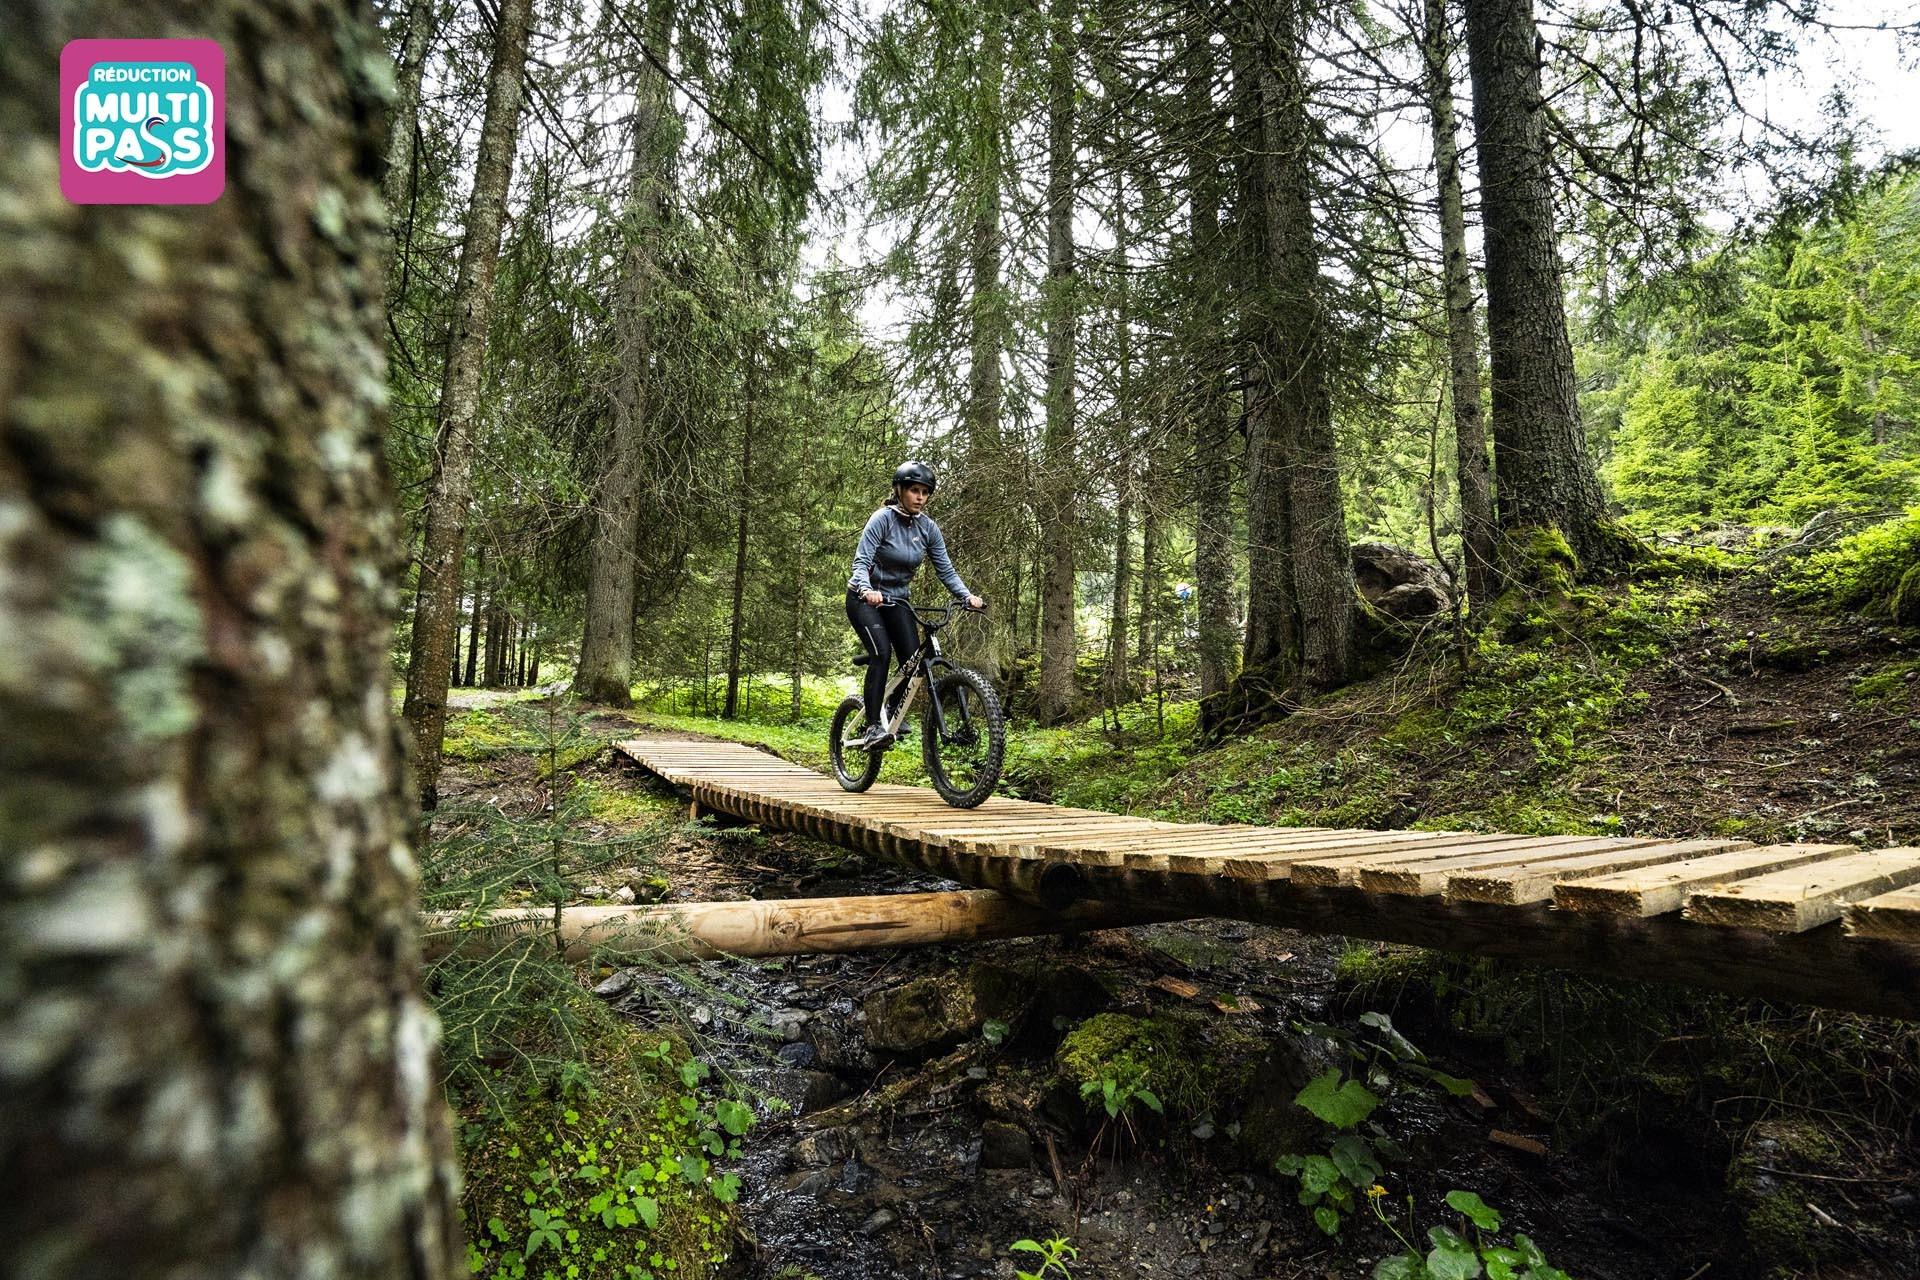 Nieuw : Châtel M-BMX® Biathlon